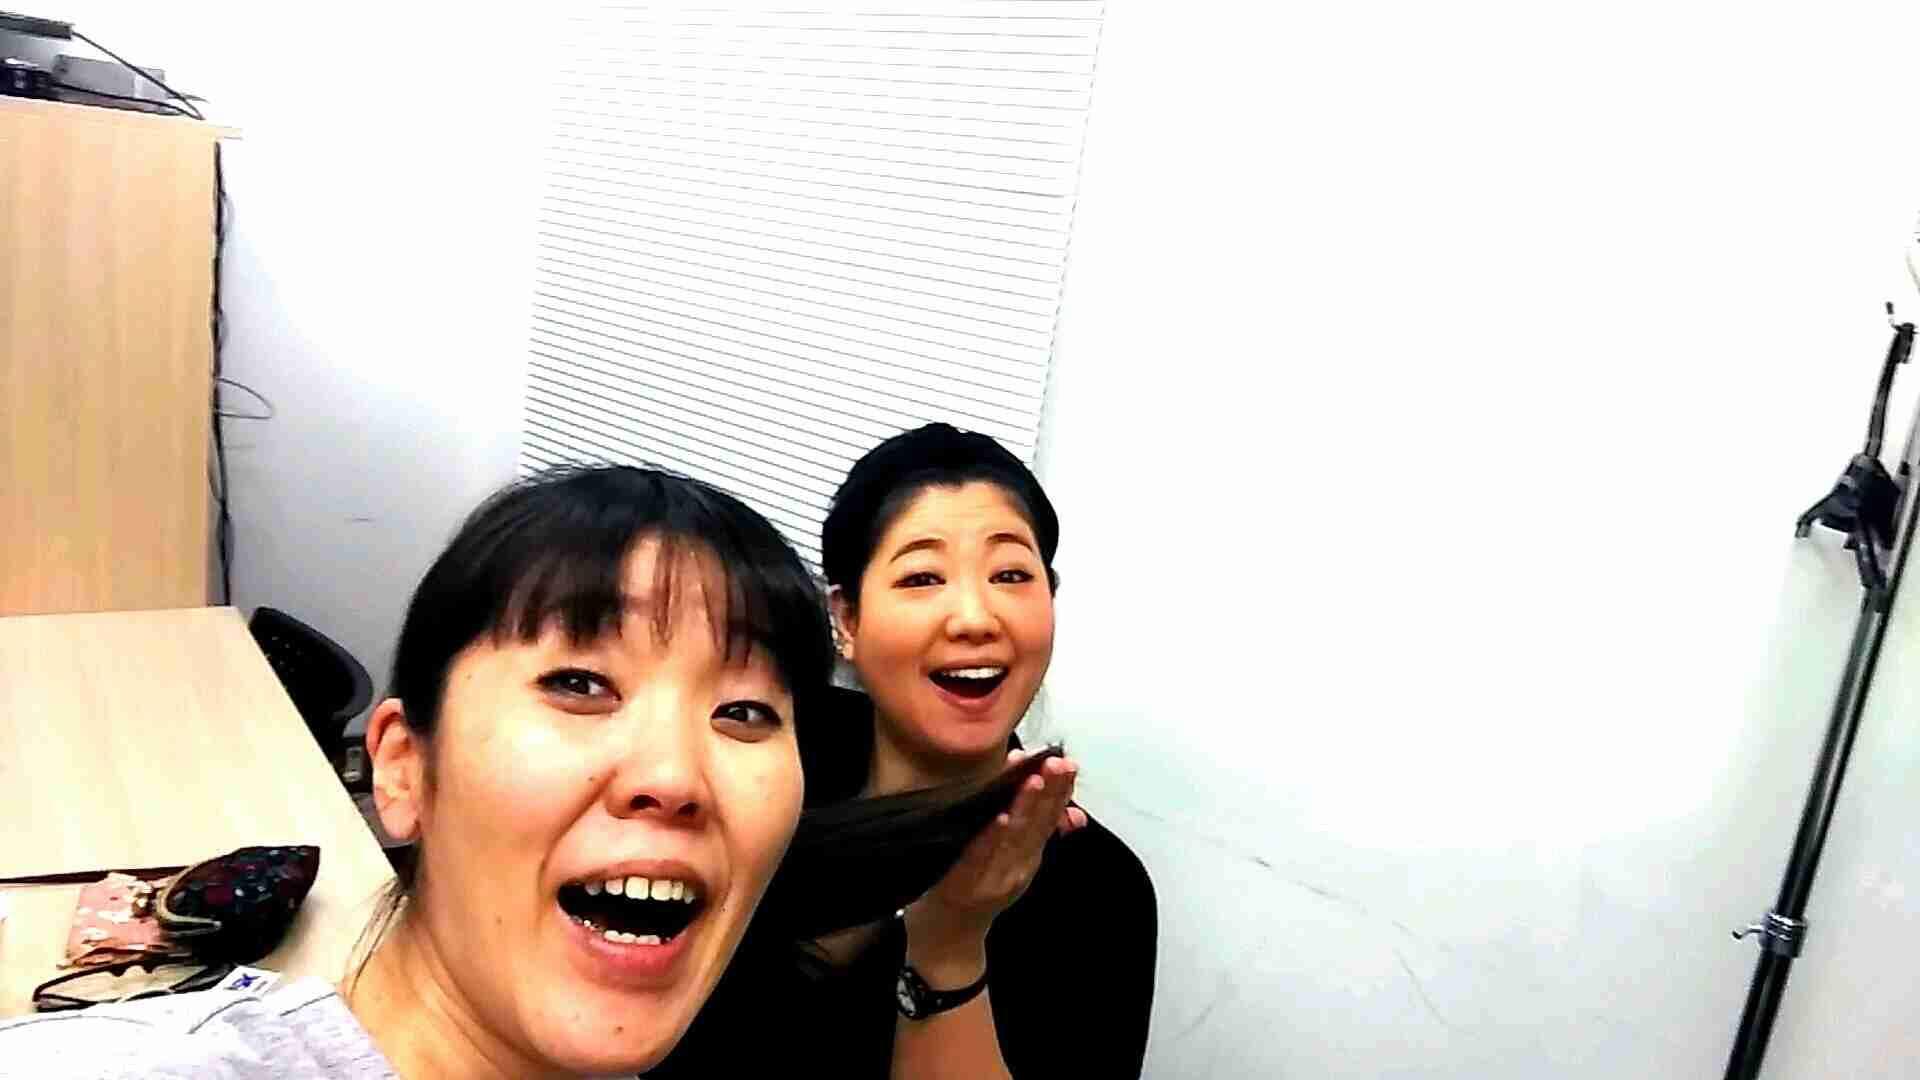 アジアン隅田美保カフェ修行中 2年4カ月ぶり近況報告